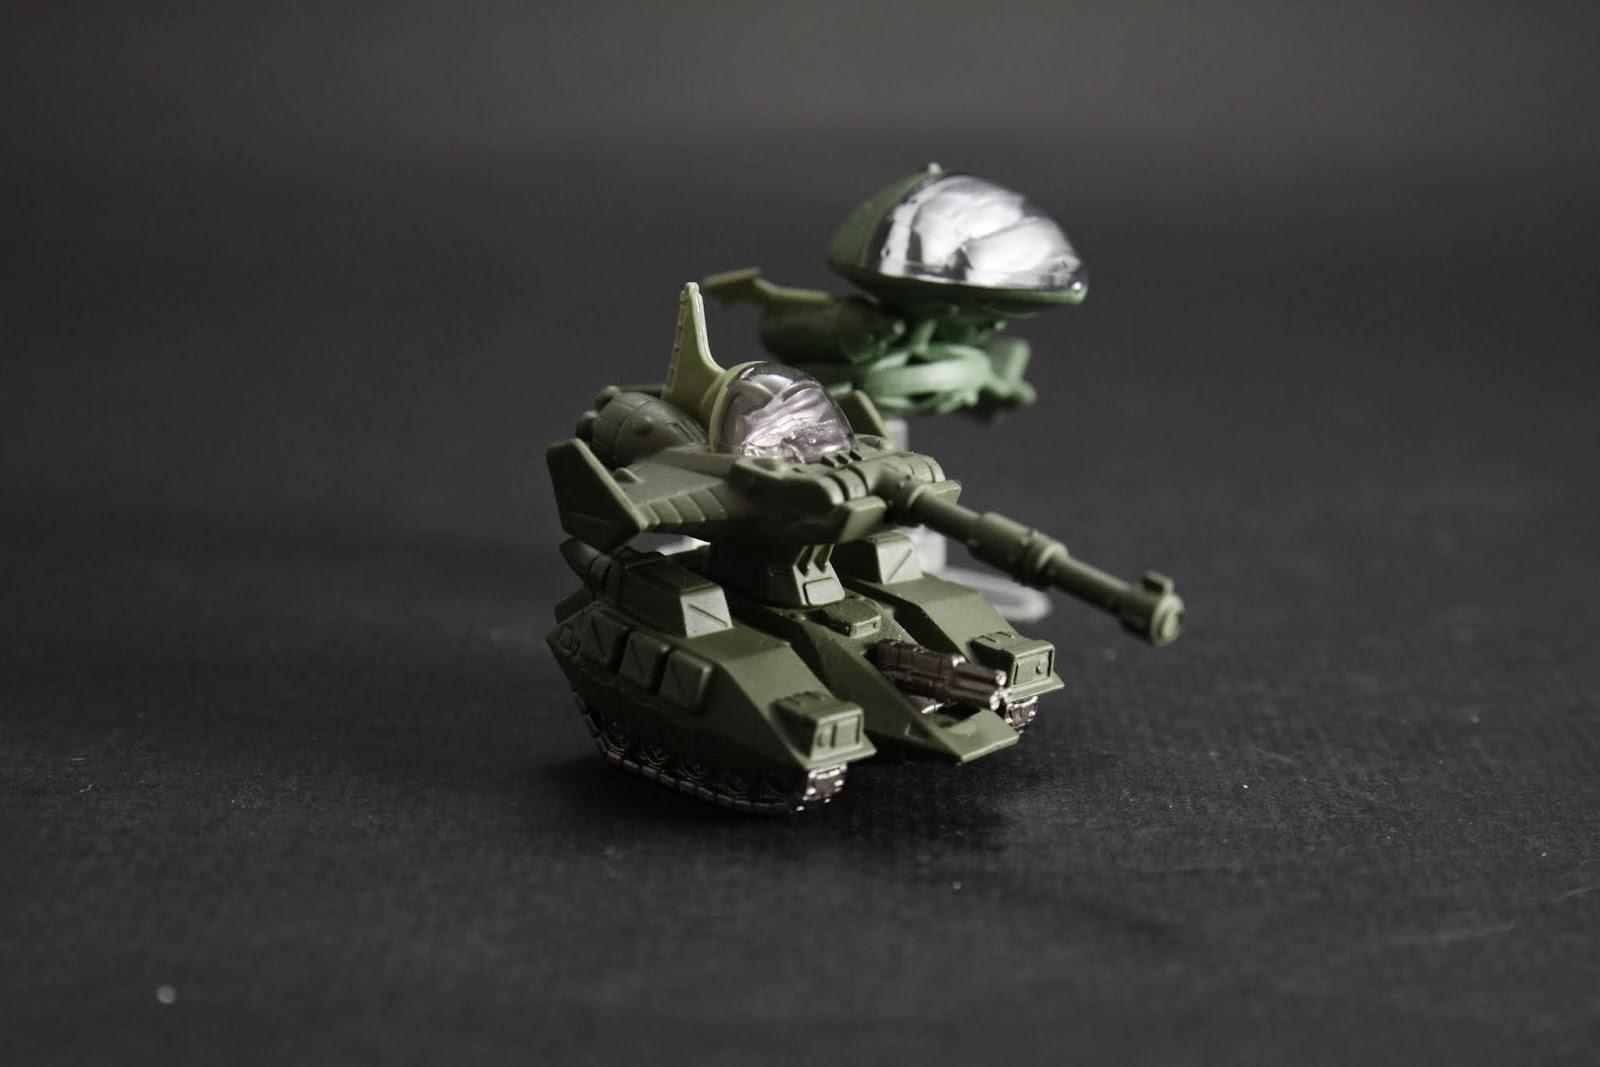 吉翁軍一年戰爭初期用的戰機跟坦克 主要還是輔佐MS作戰